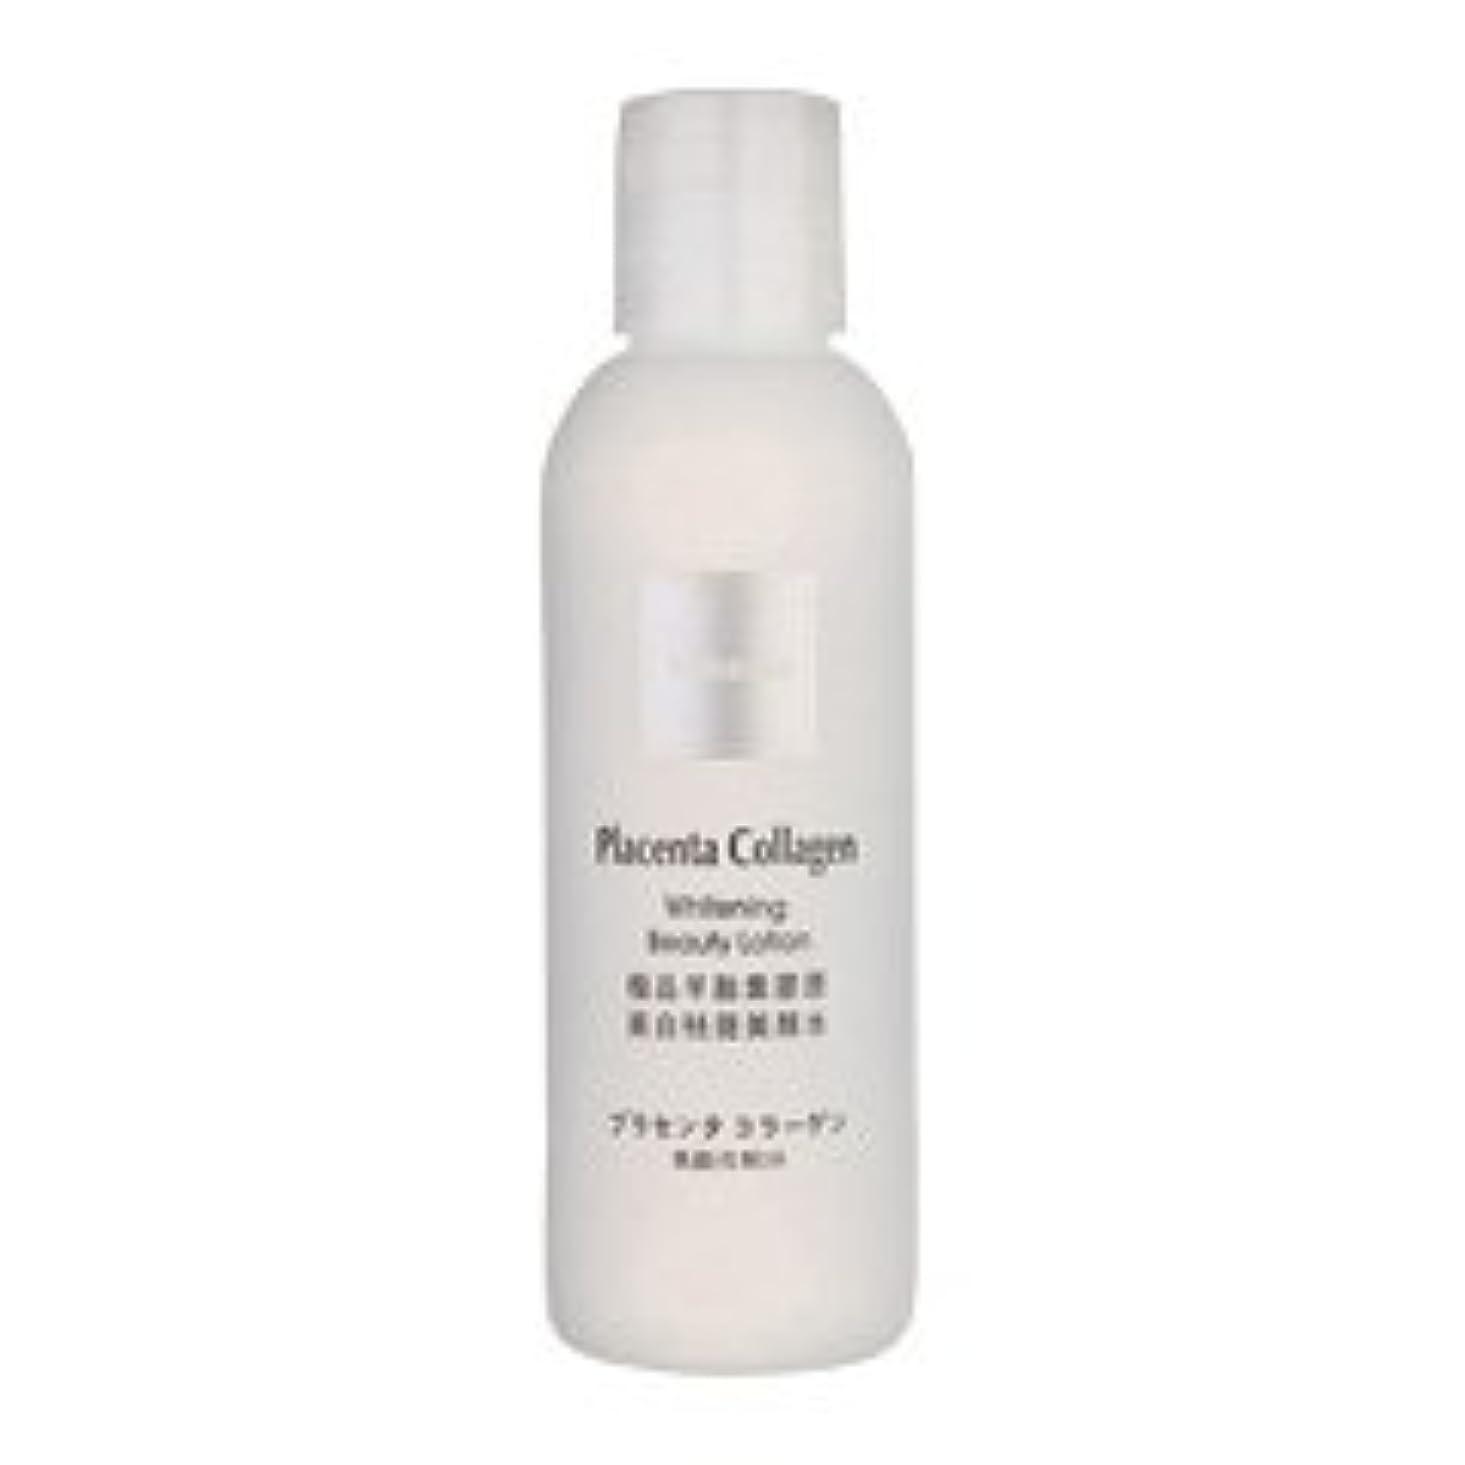 地味な唯一節約するユケイドー(Yukeido) プラセンタコラーゲン 美白保湿美顔化粧水 150ml [海外直送品] [並行輸入品]